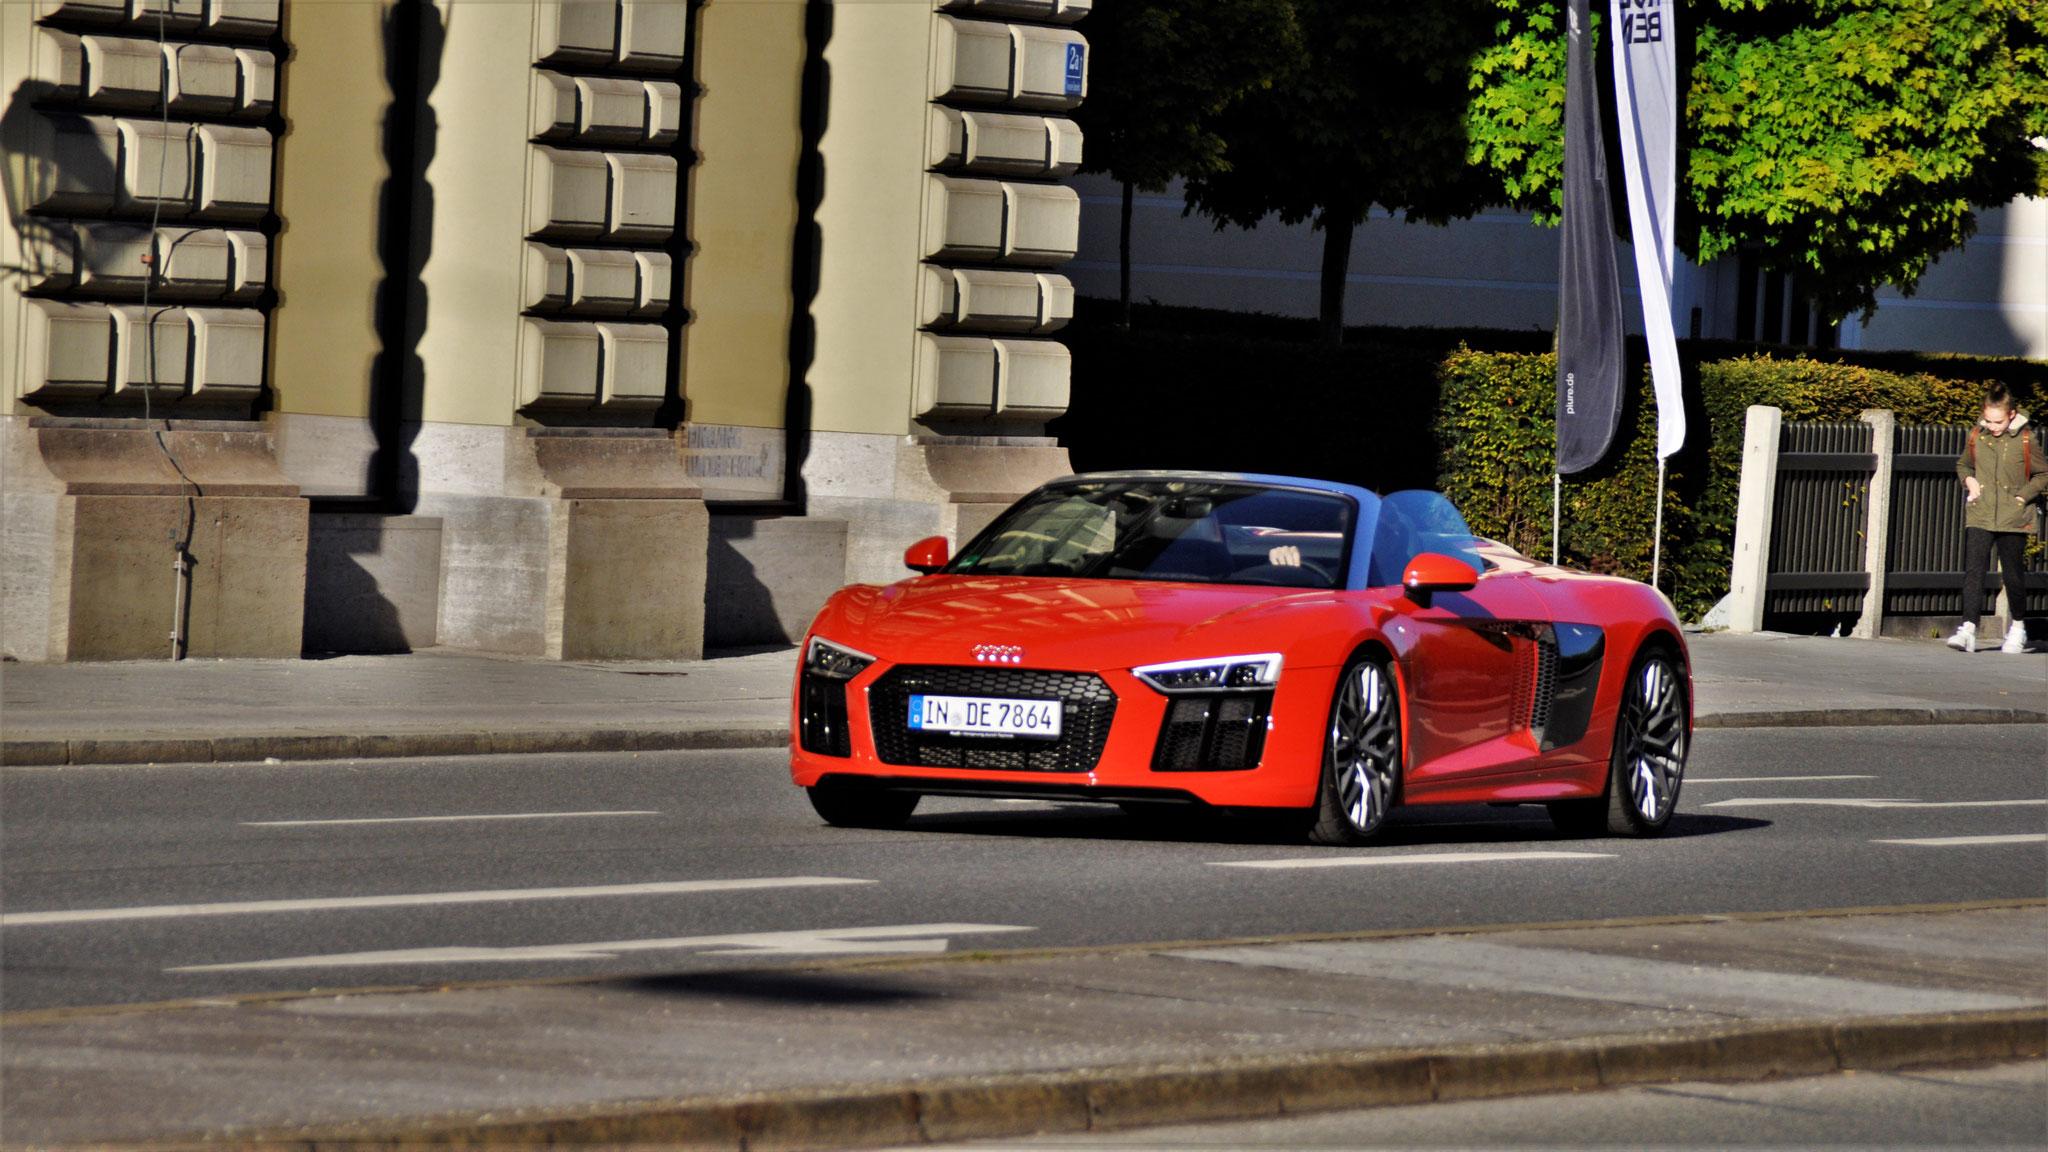 Audi R8 V10 Spyder - IN-DE-7864